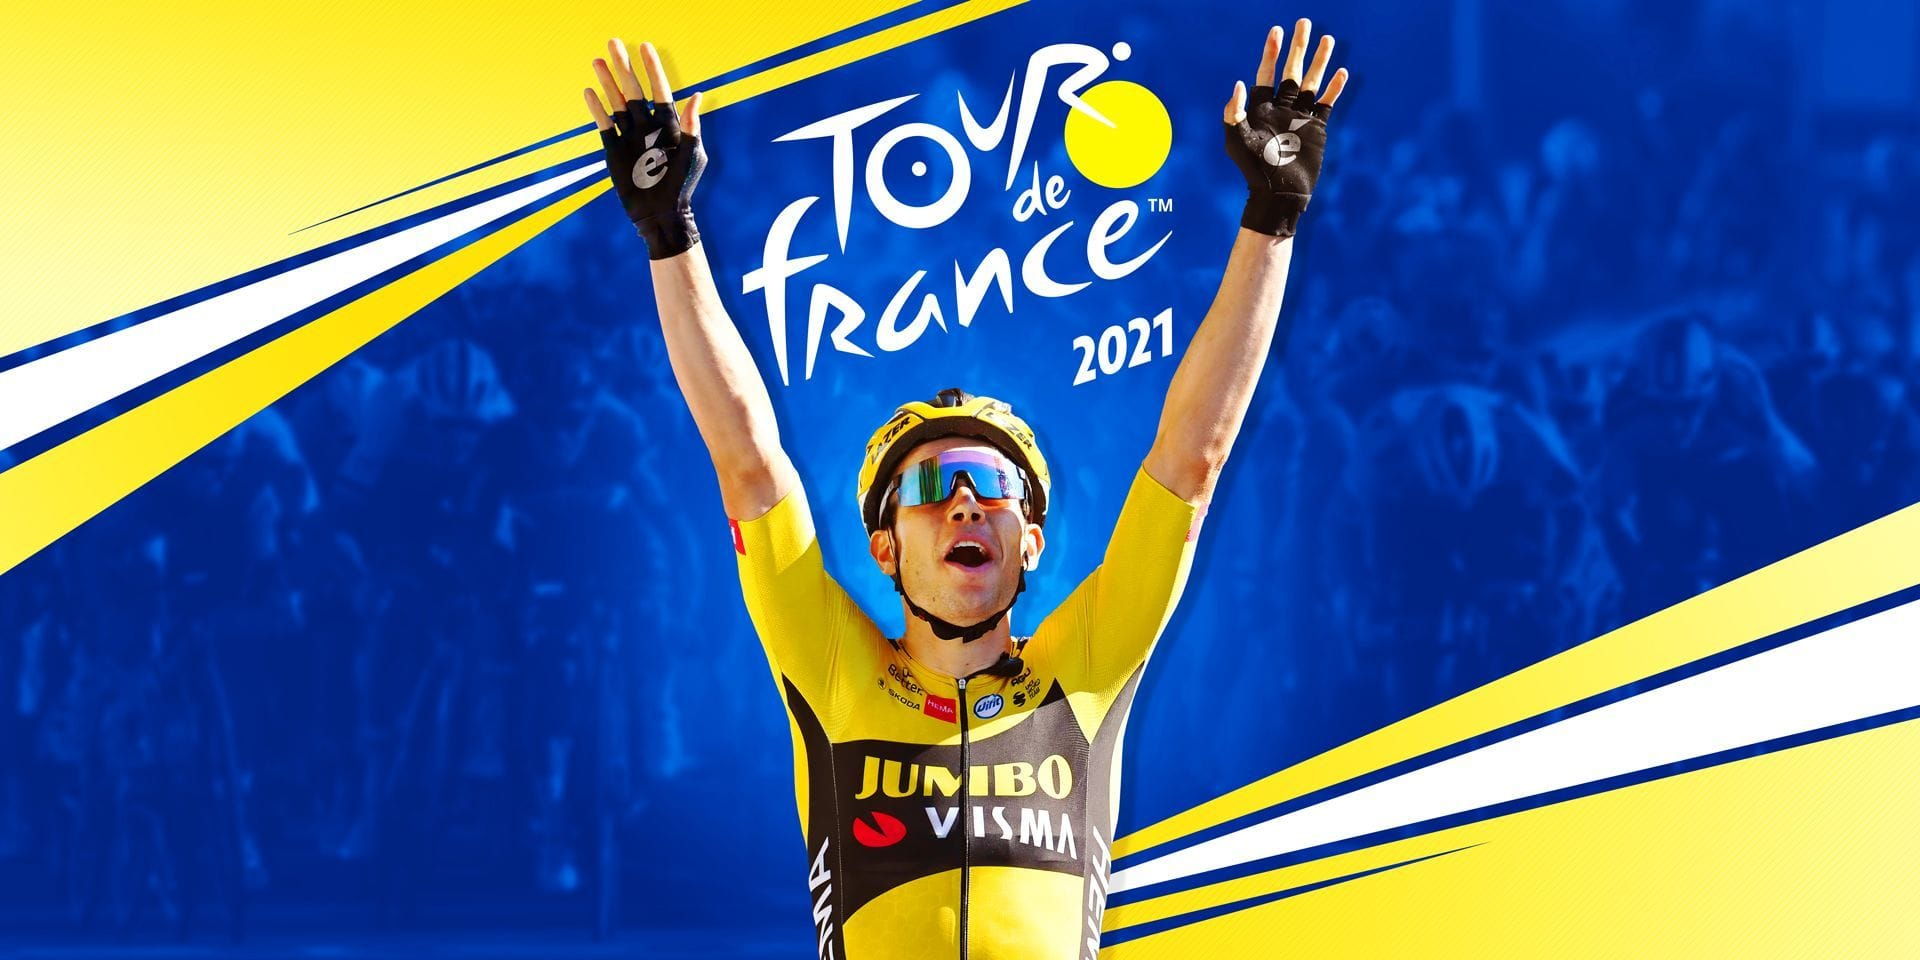 Wout Van Aert en tête d'affiche du jeu Tour de France 2021